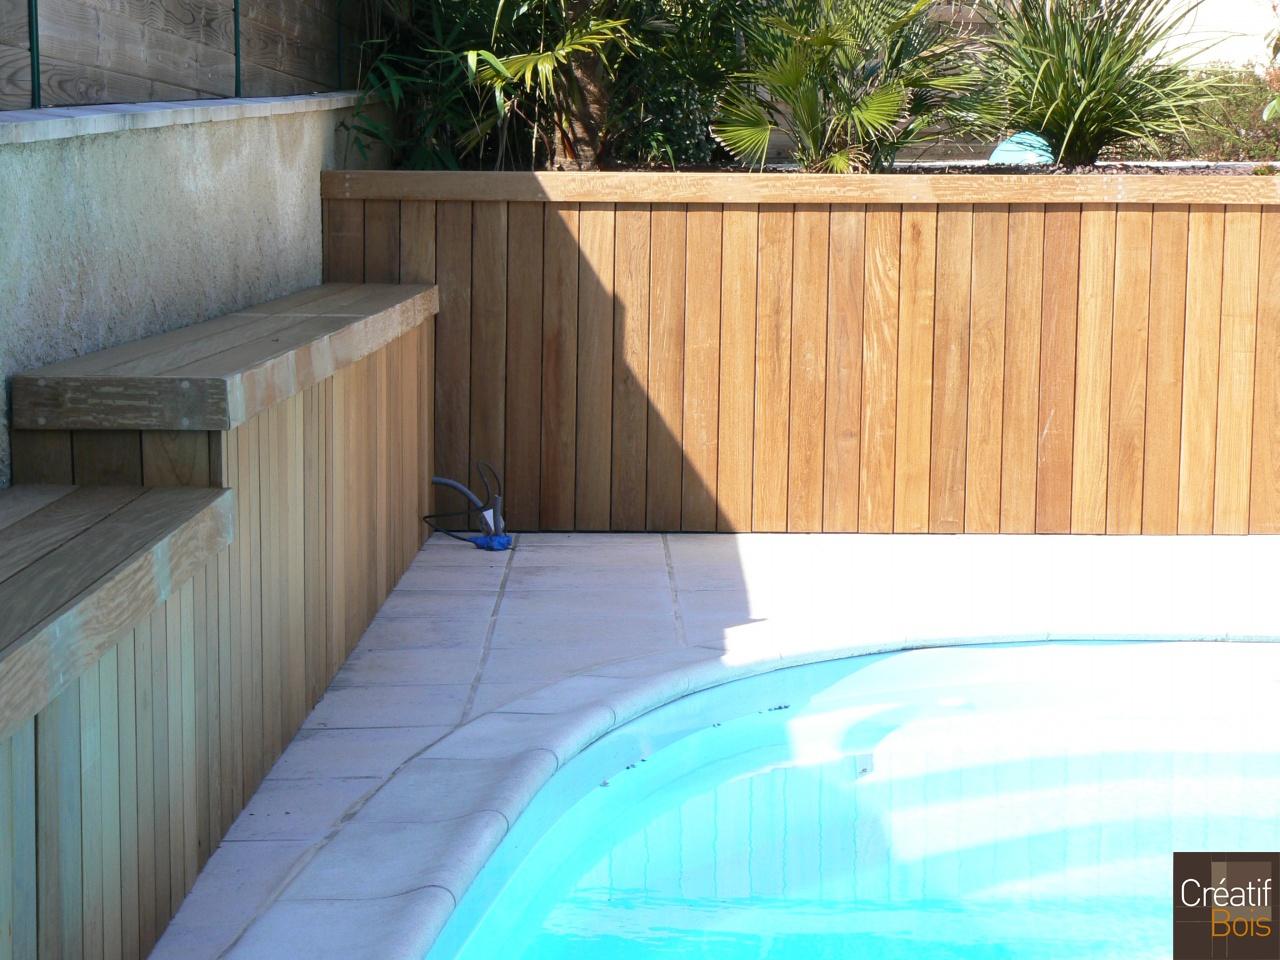 Accessoires piscine cr atif bois malemort corr ze 19 for Accessoire piscine bois